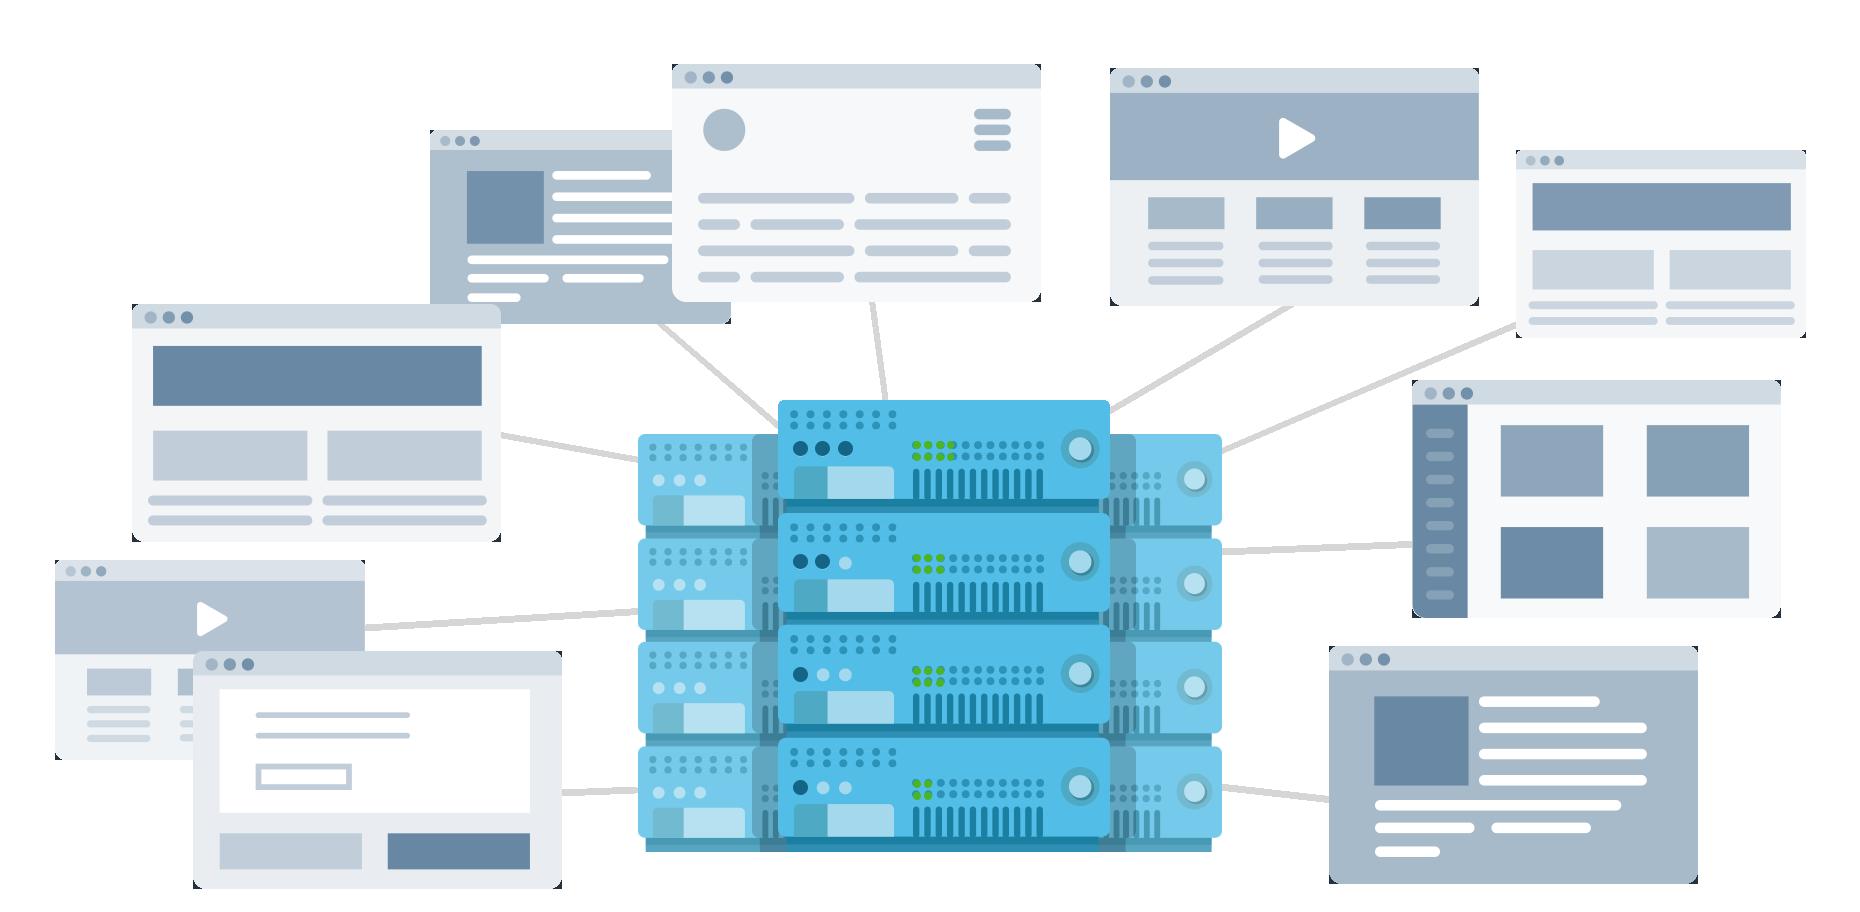 专业剖析:服务器为什么需要管理控制面板?